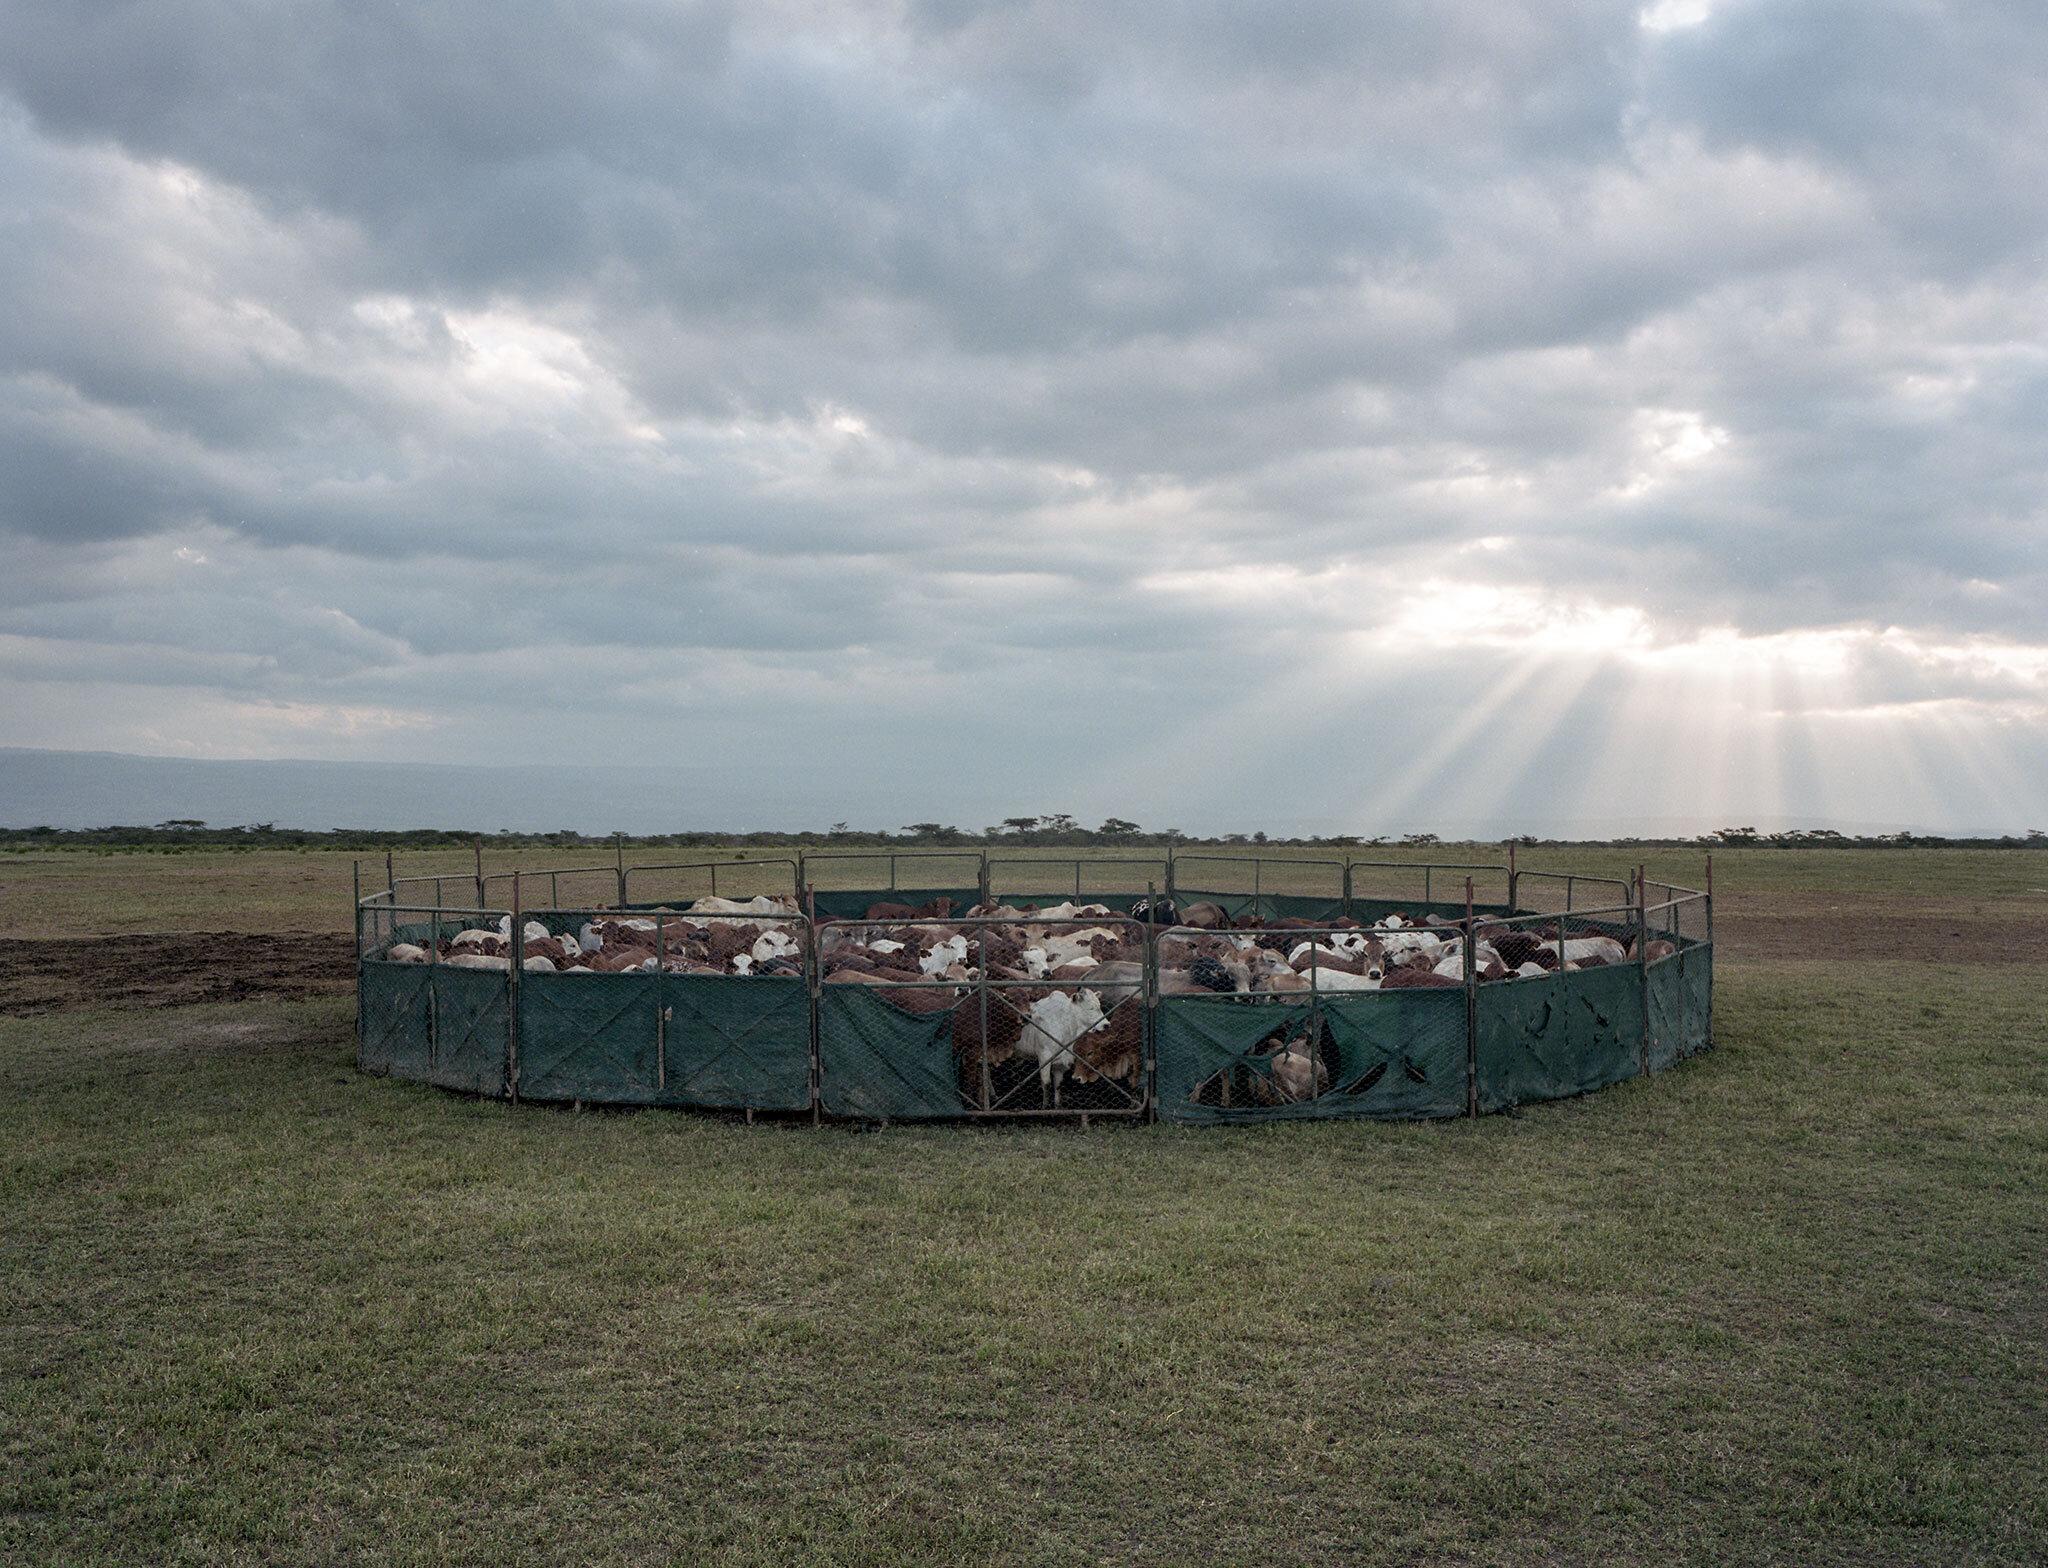 Boma enclosure, Soysambu